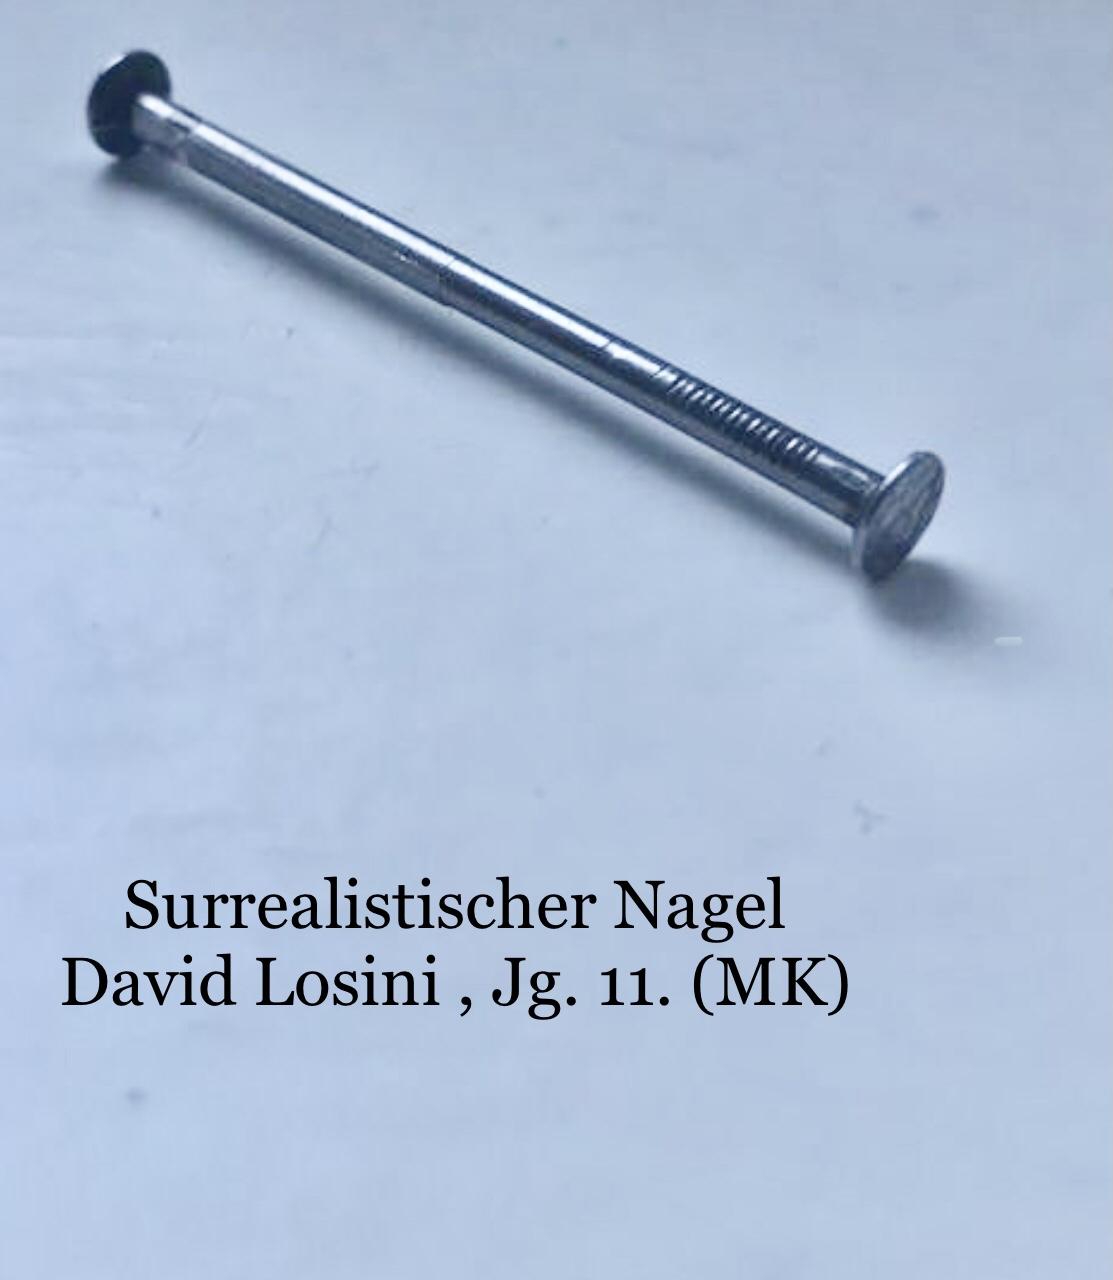 Jg. 11 Müller-Klug_4